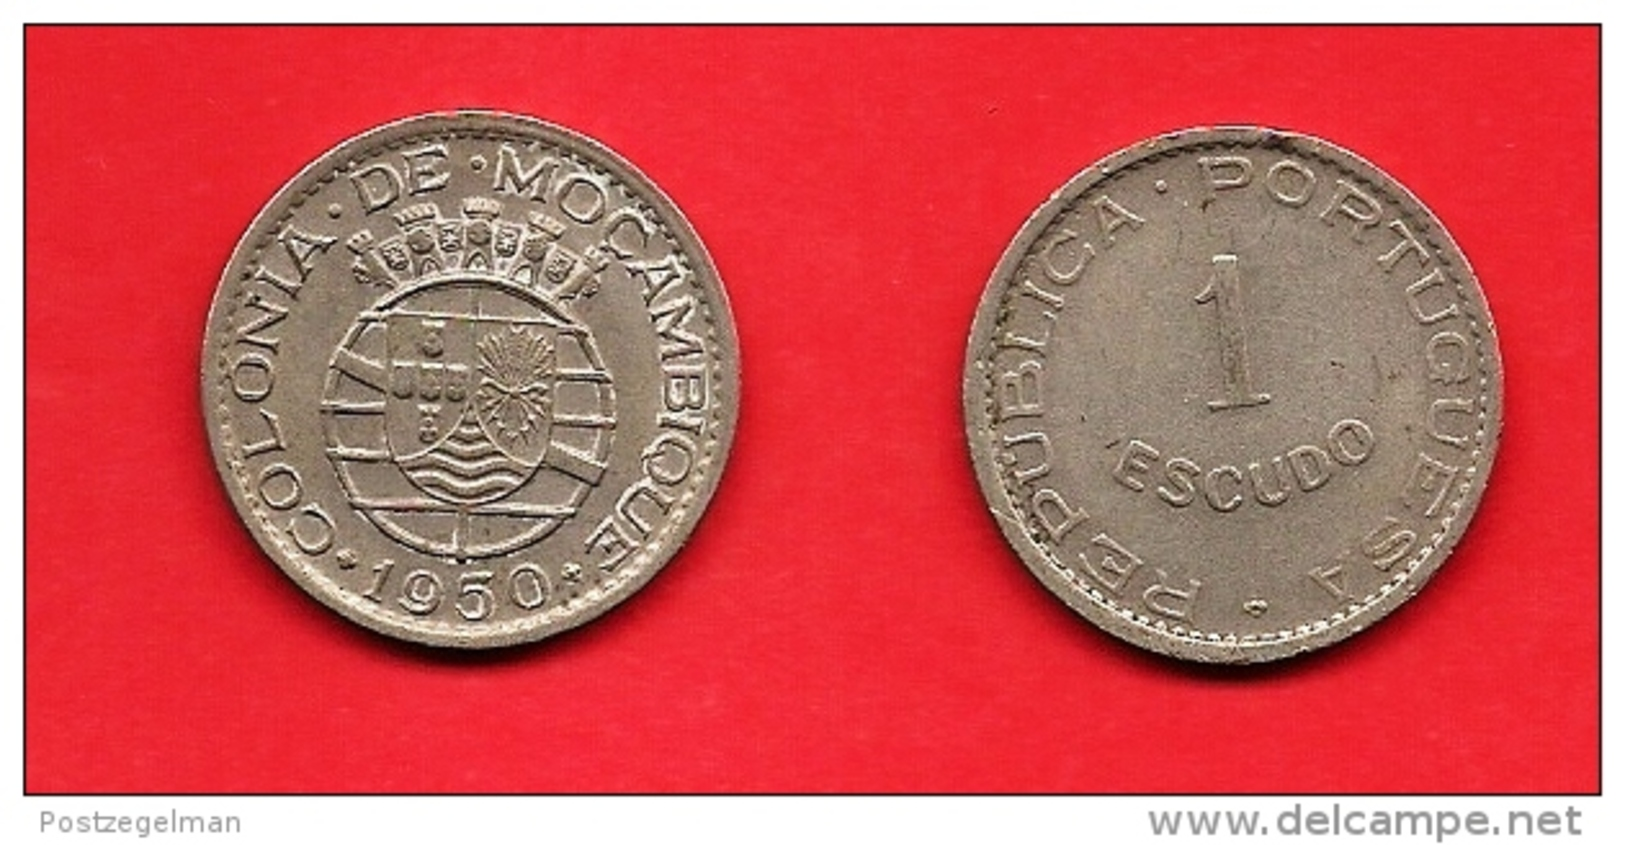 MOZAMBIQUE 1950, Circulated  Coin , 1 Esccudo,nickel Bronze, Km77, C1688 - Mozambique